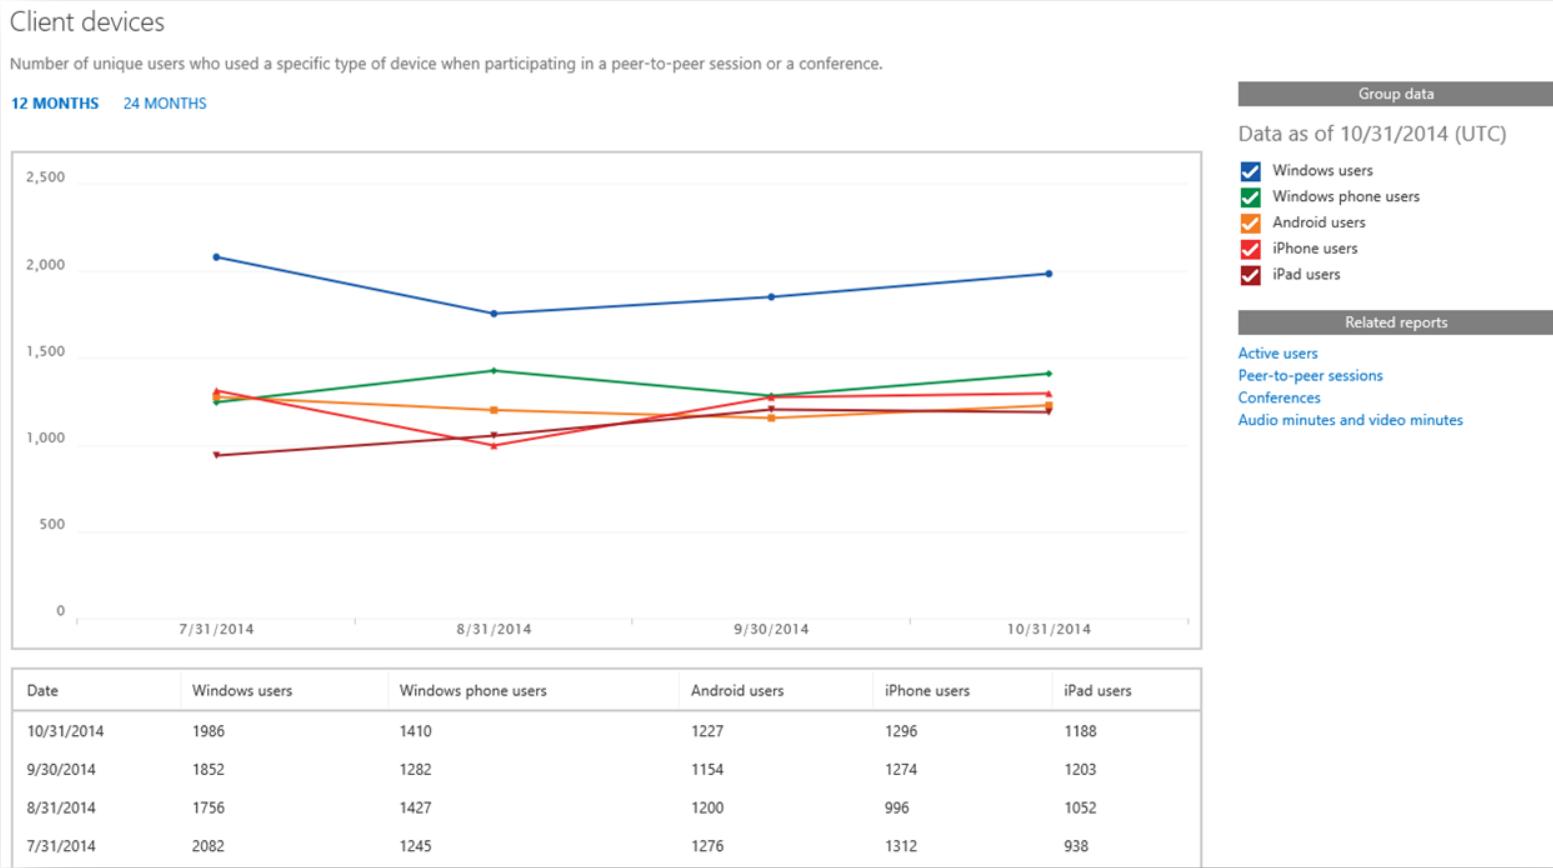 Lync Online client devices report 1